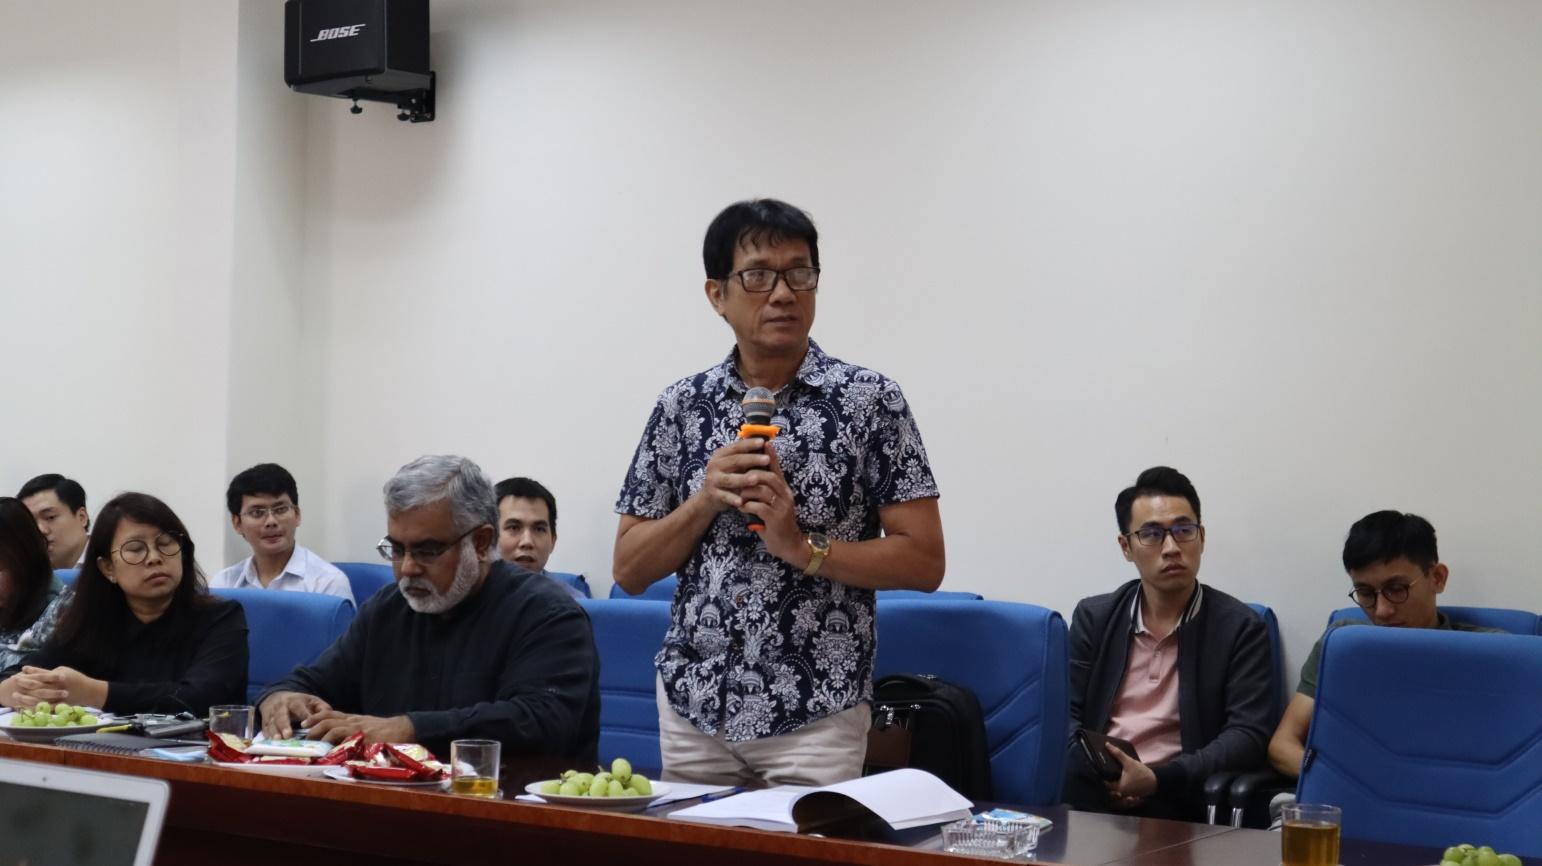 TSKH. Bạch Quốc Khang - Cố vấn Ban chủ nhiệm Chương trình KHCN phục vụ Xây dựng NTM